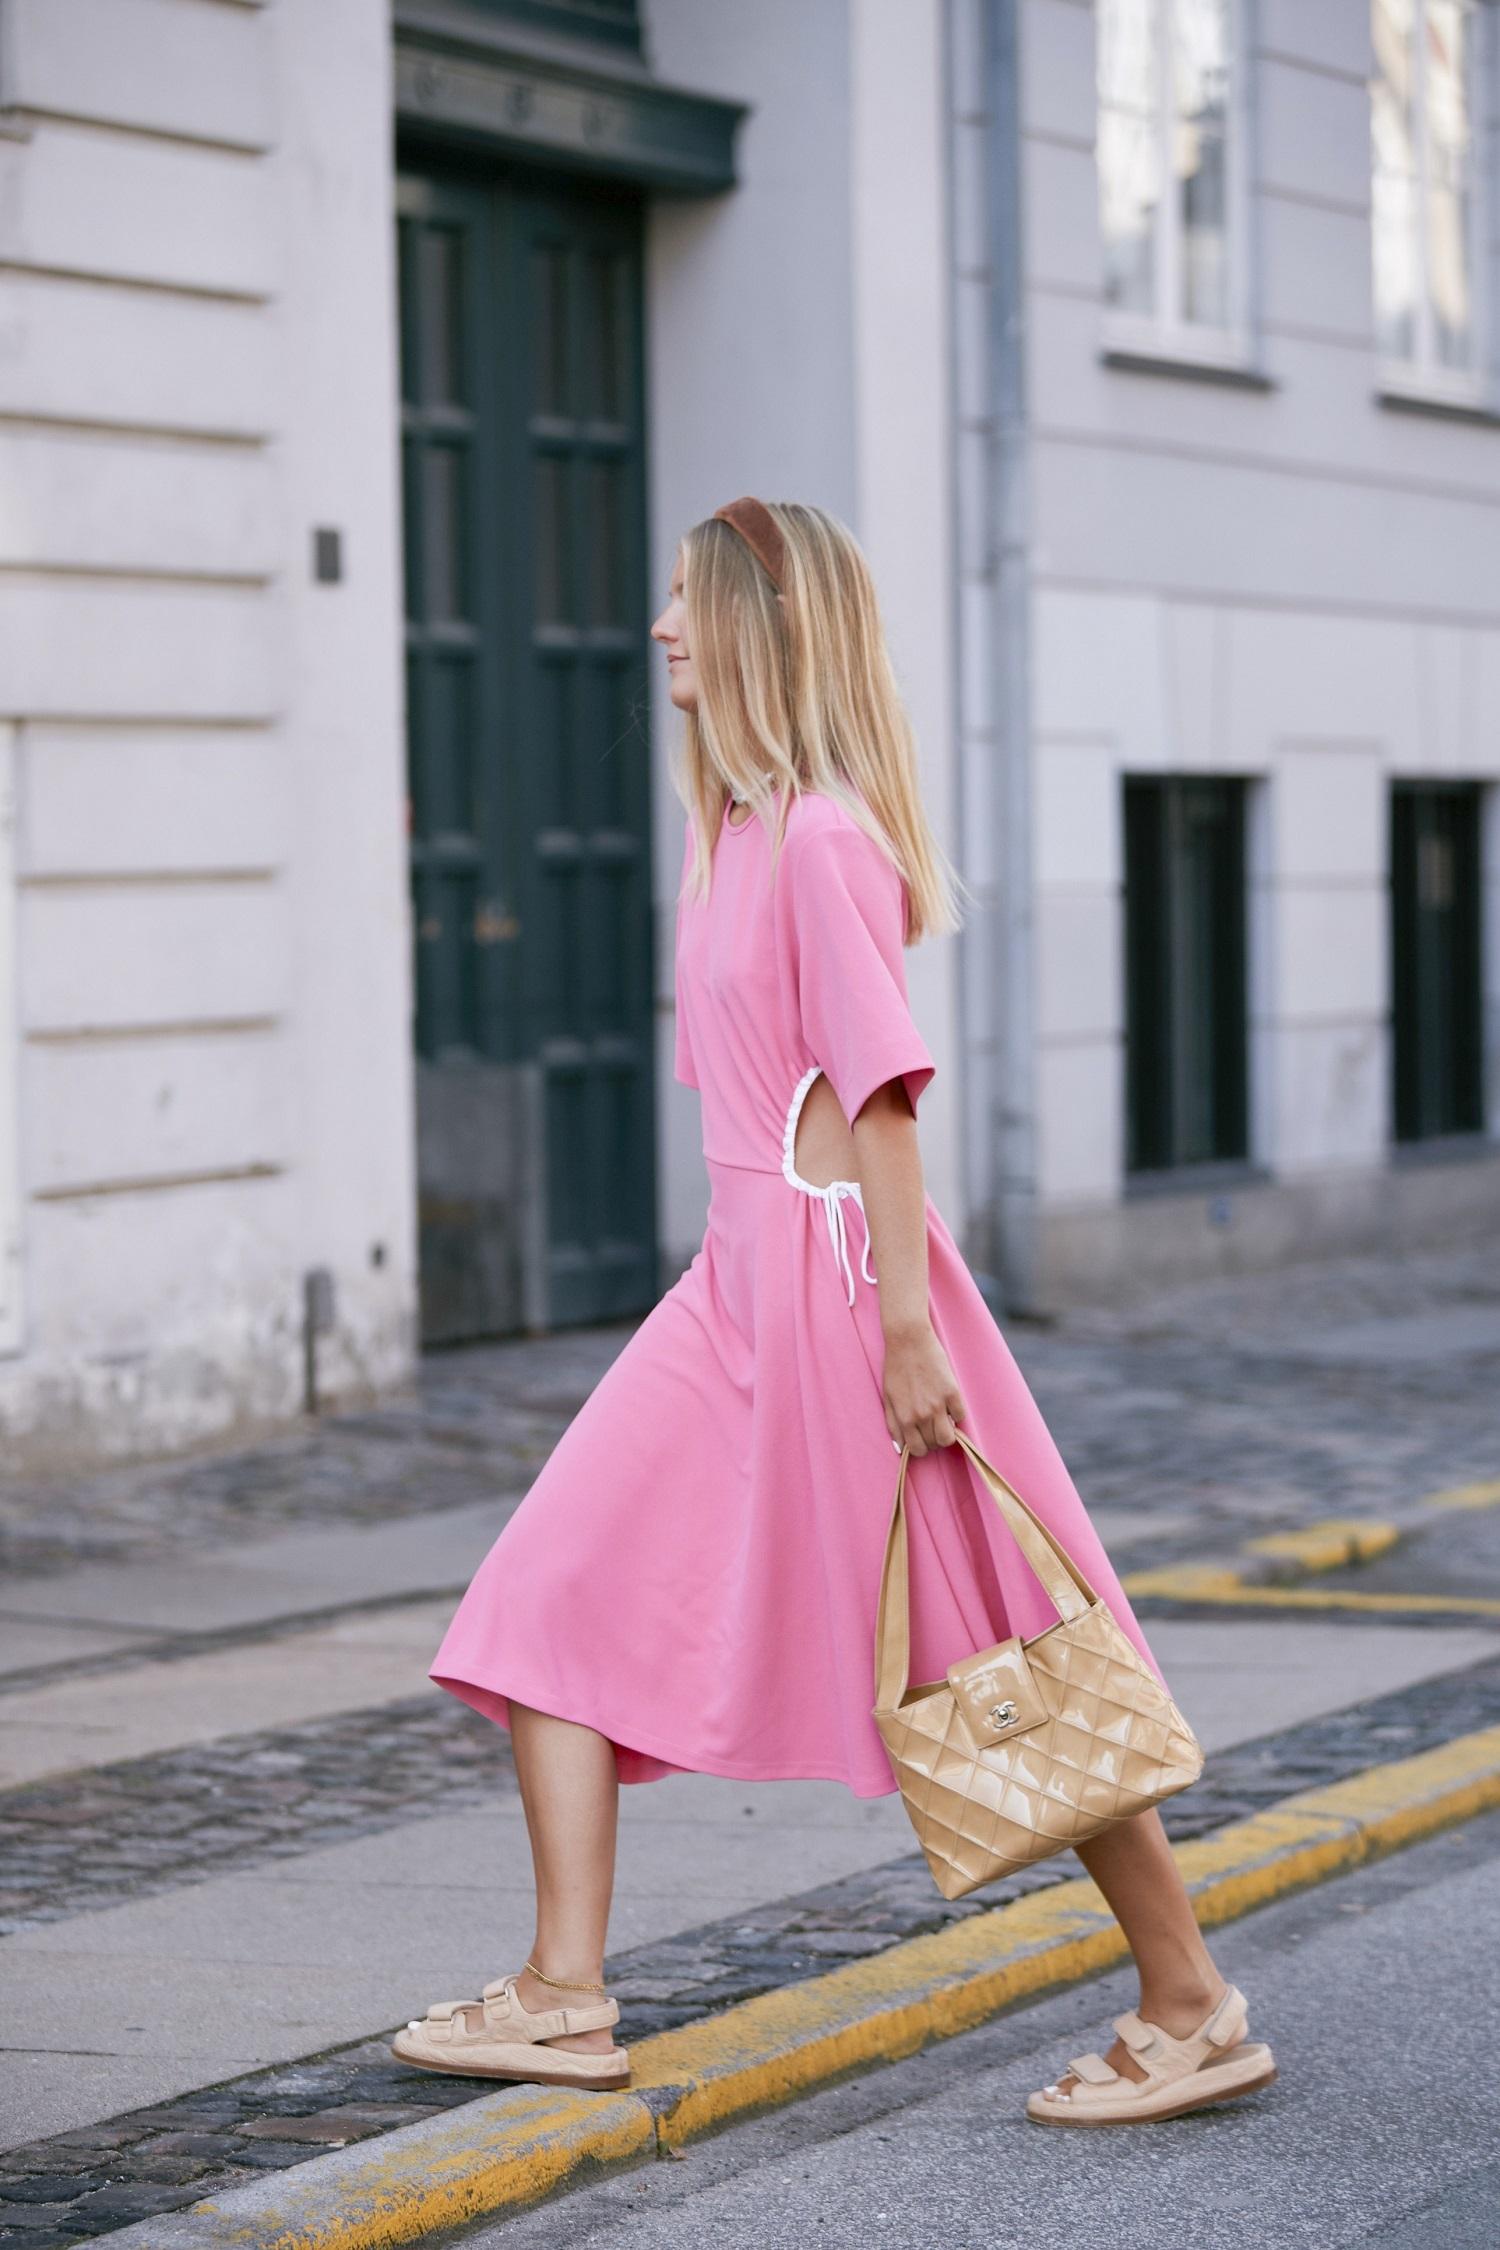 Vestido rosa cut out con sandalias de velcro.